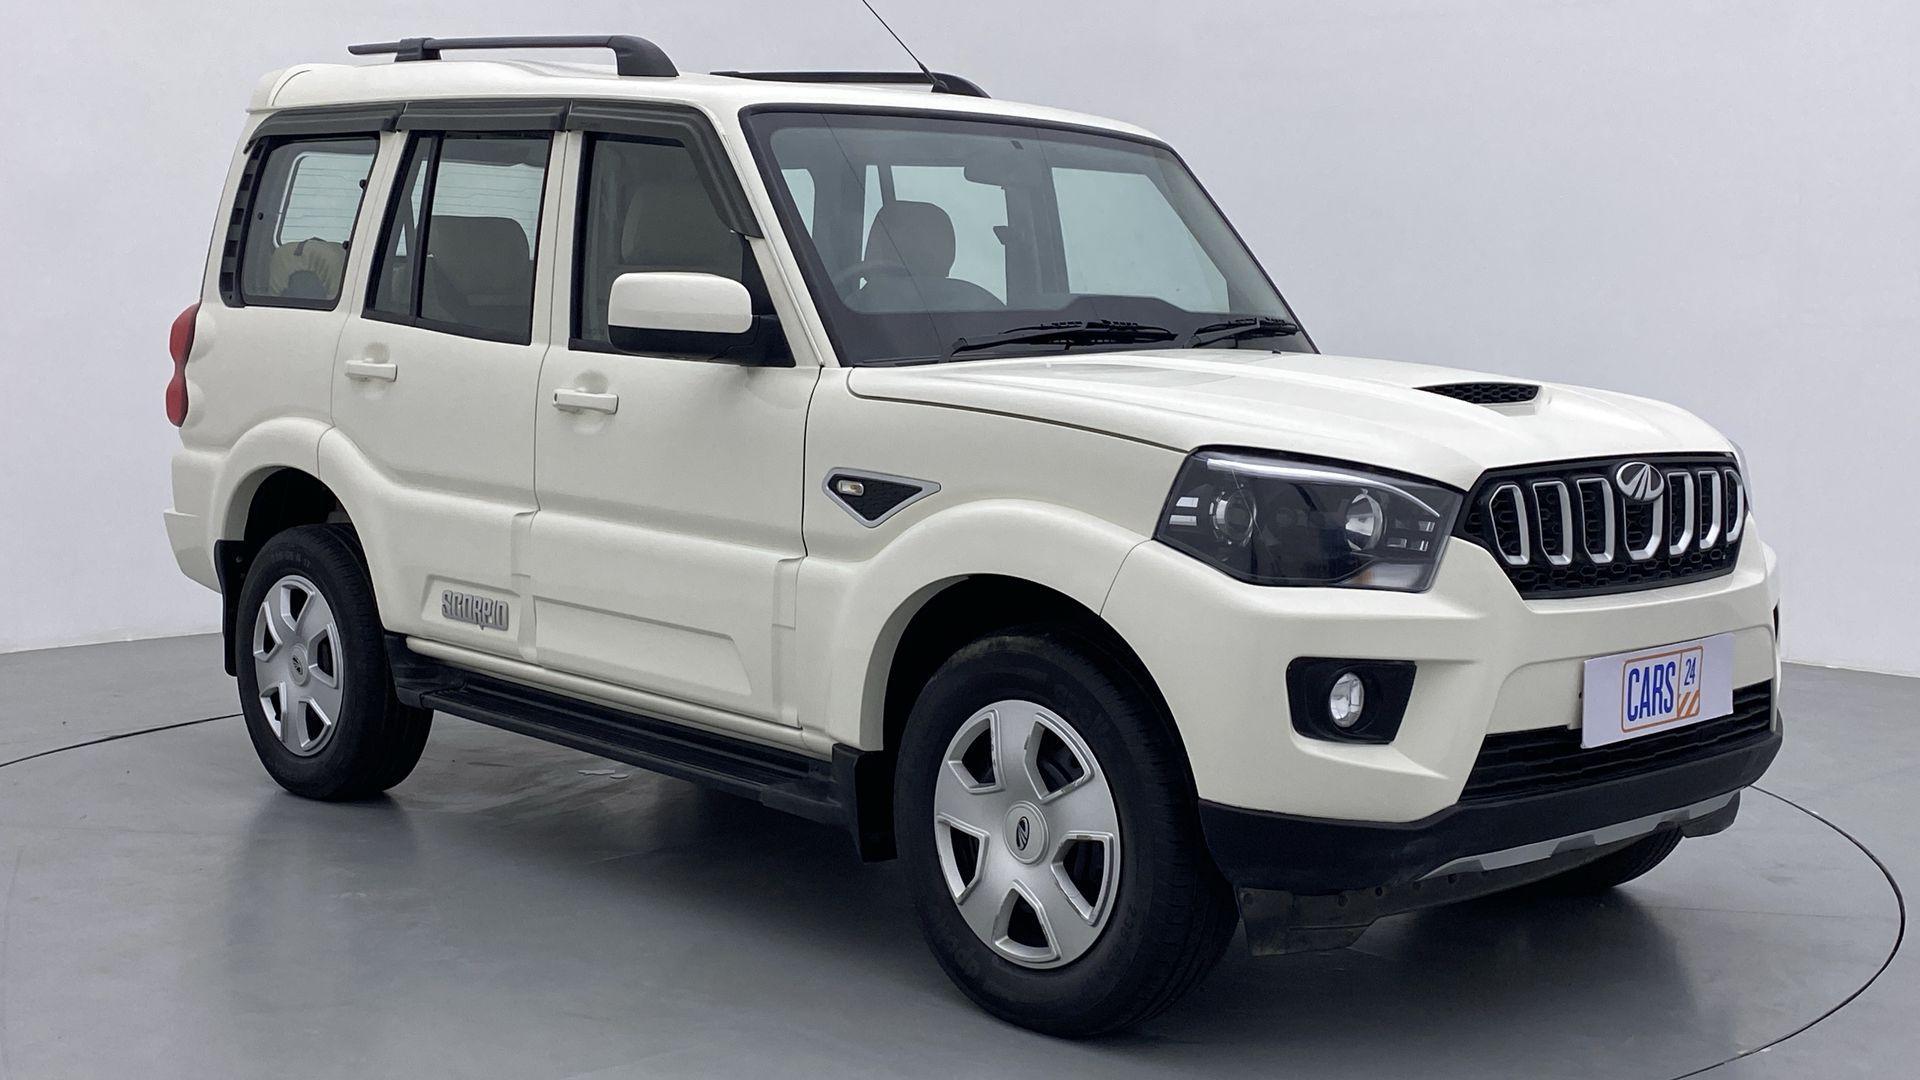 2018 Mahindra Scorpio S7 140 BHP 2WD